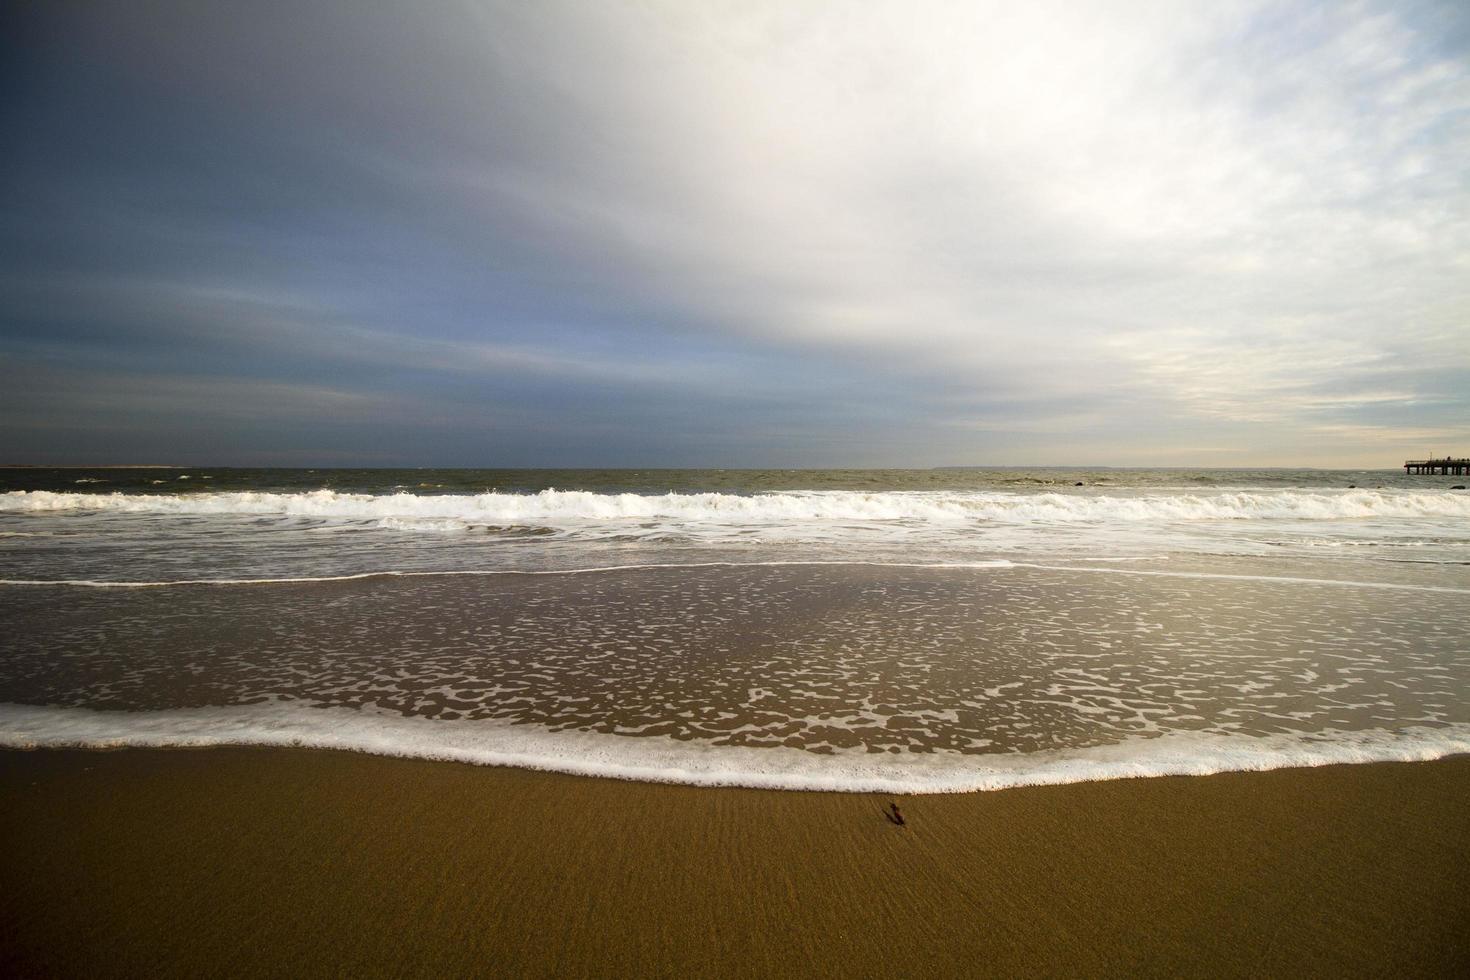 Blick auf einen Strand bei Sonnenuntergang foto